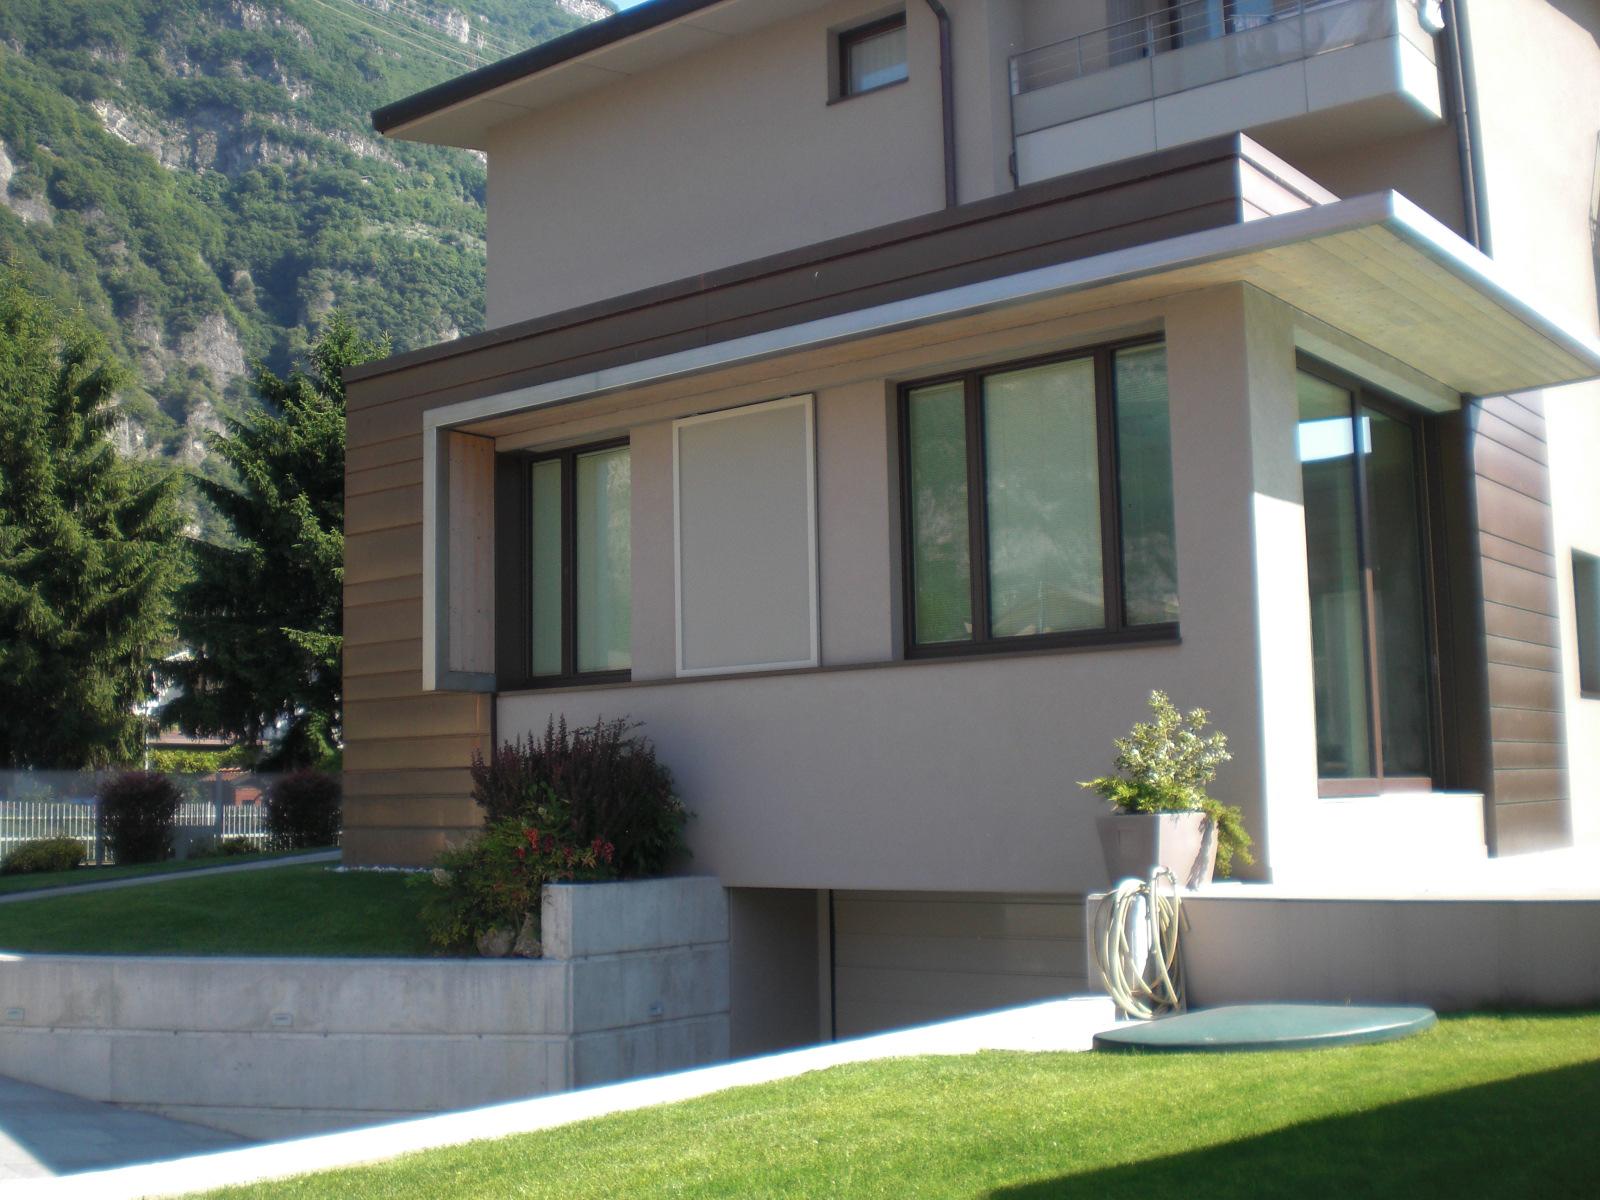 Studio-di-architettura-Baisotti-Sigala-prgetti76